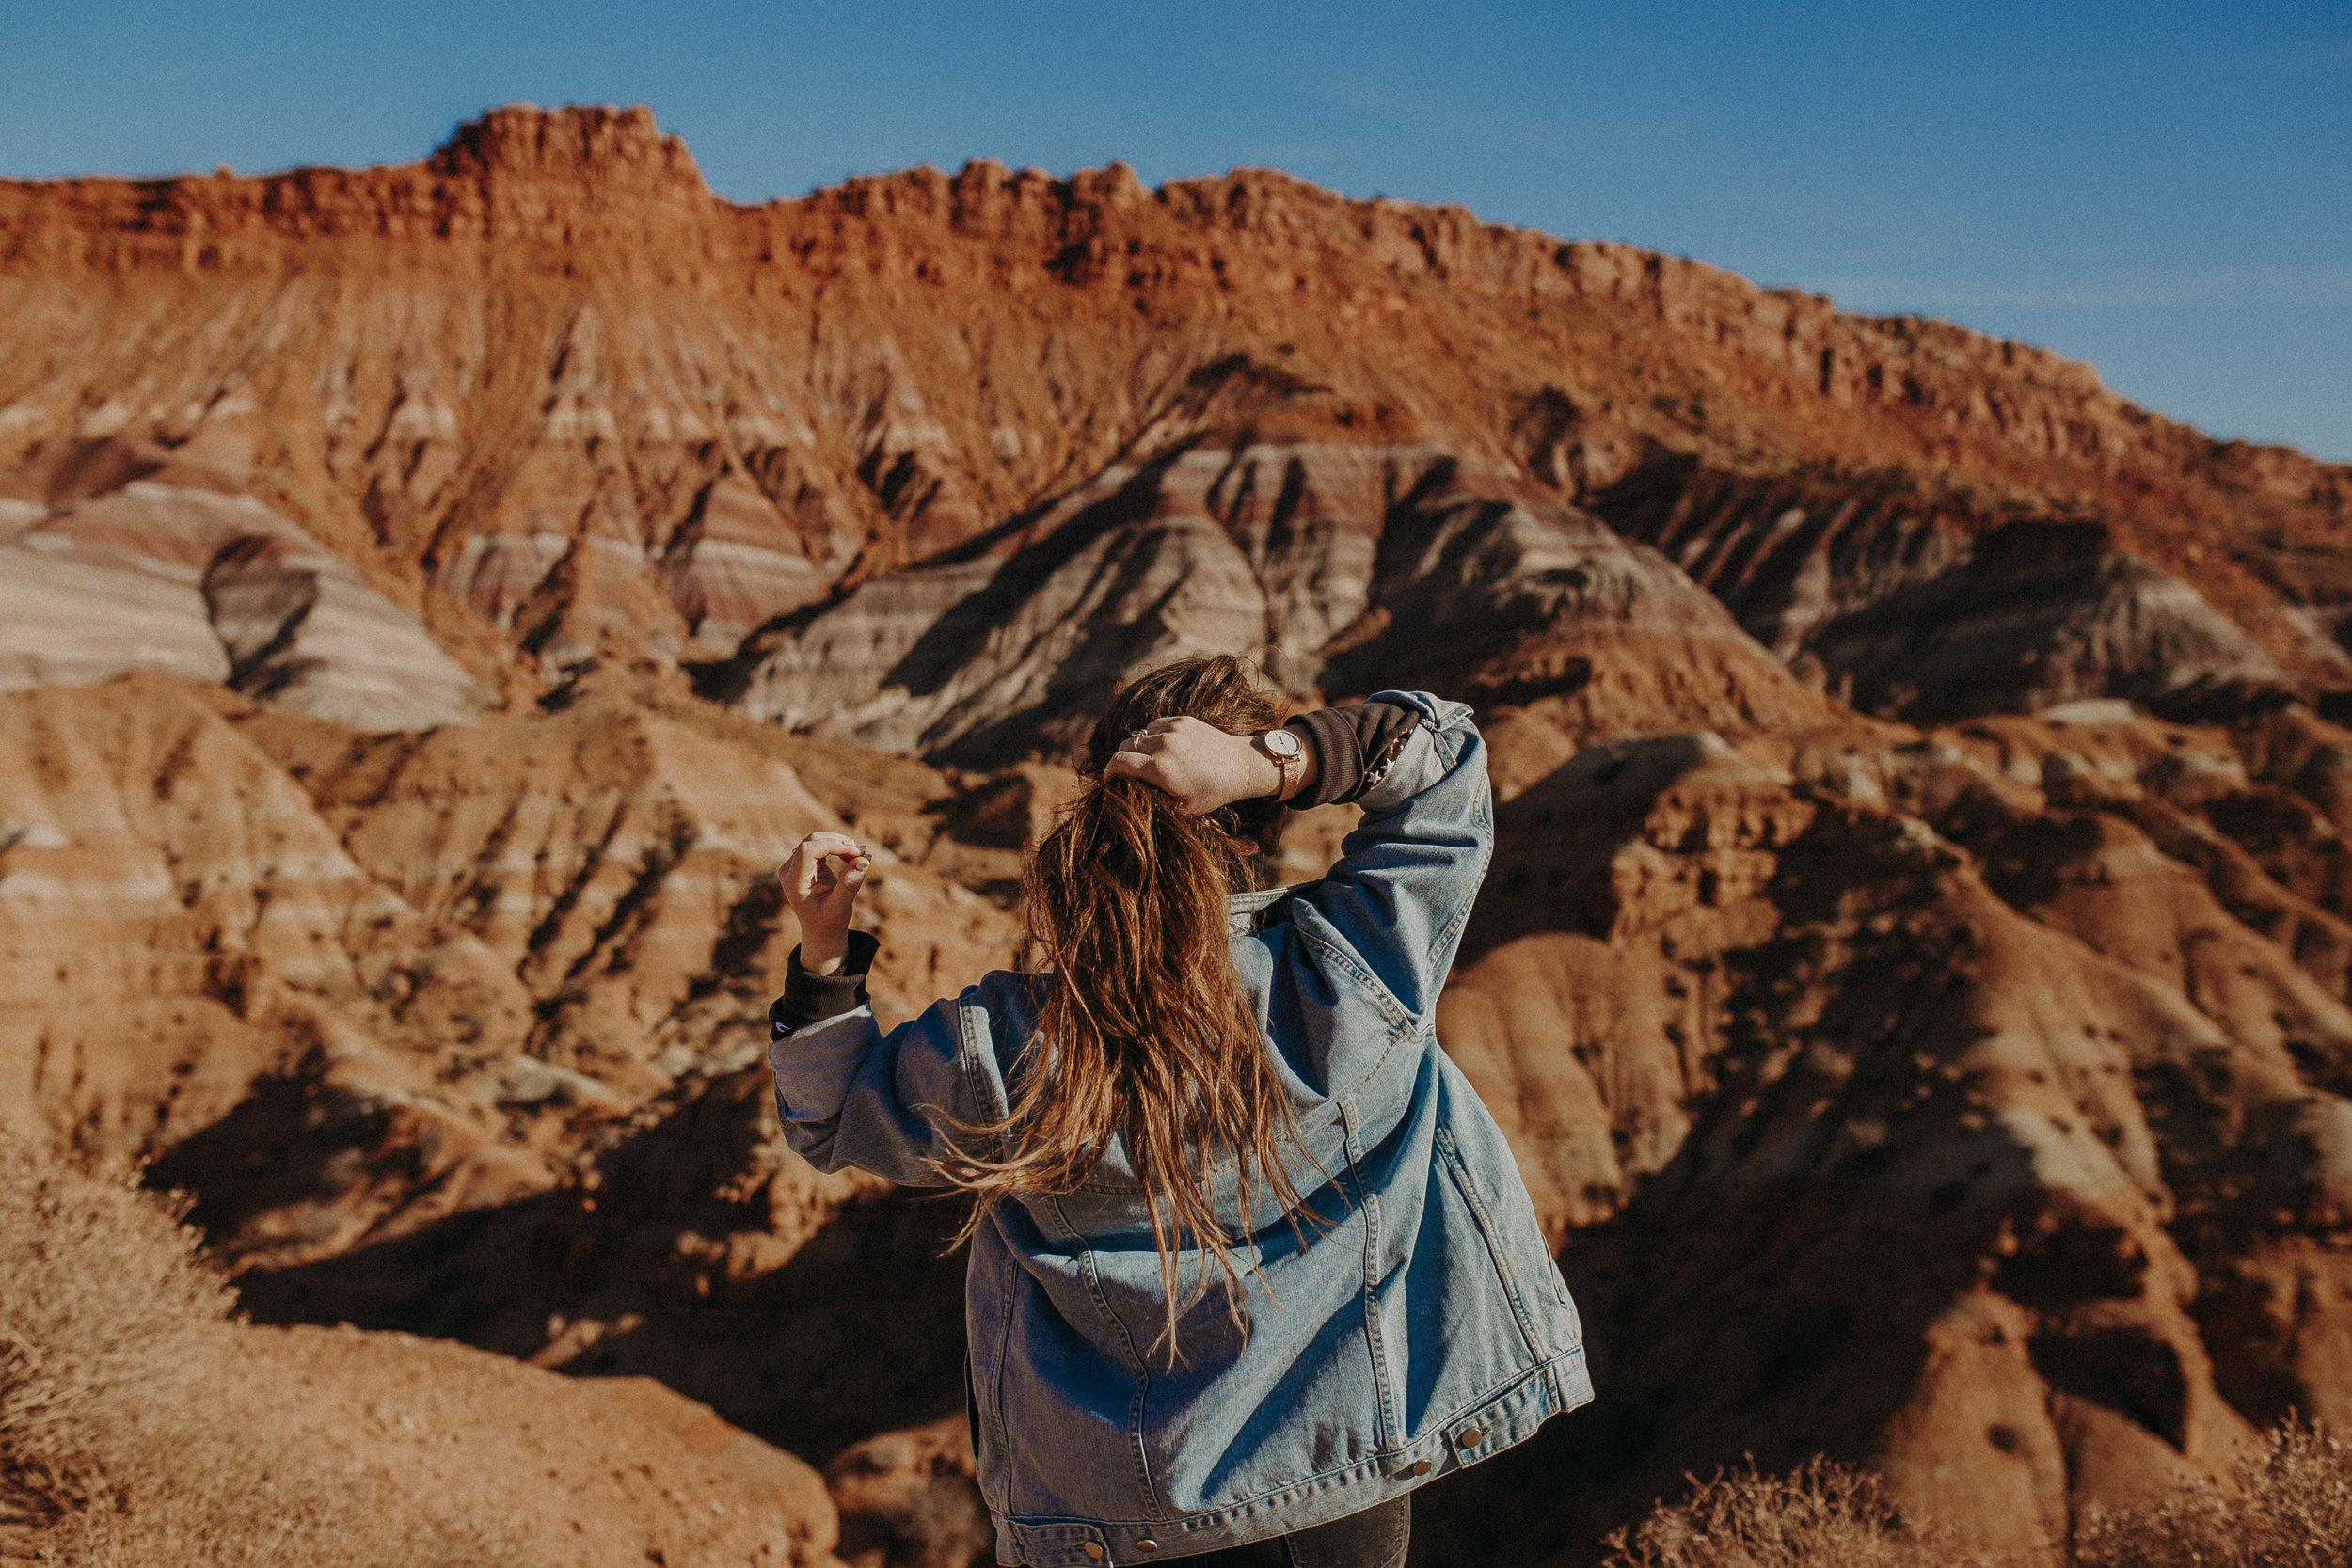 Piria-Canyon-Southern-Utah-Kanab-6.jpg